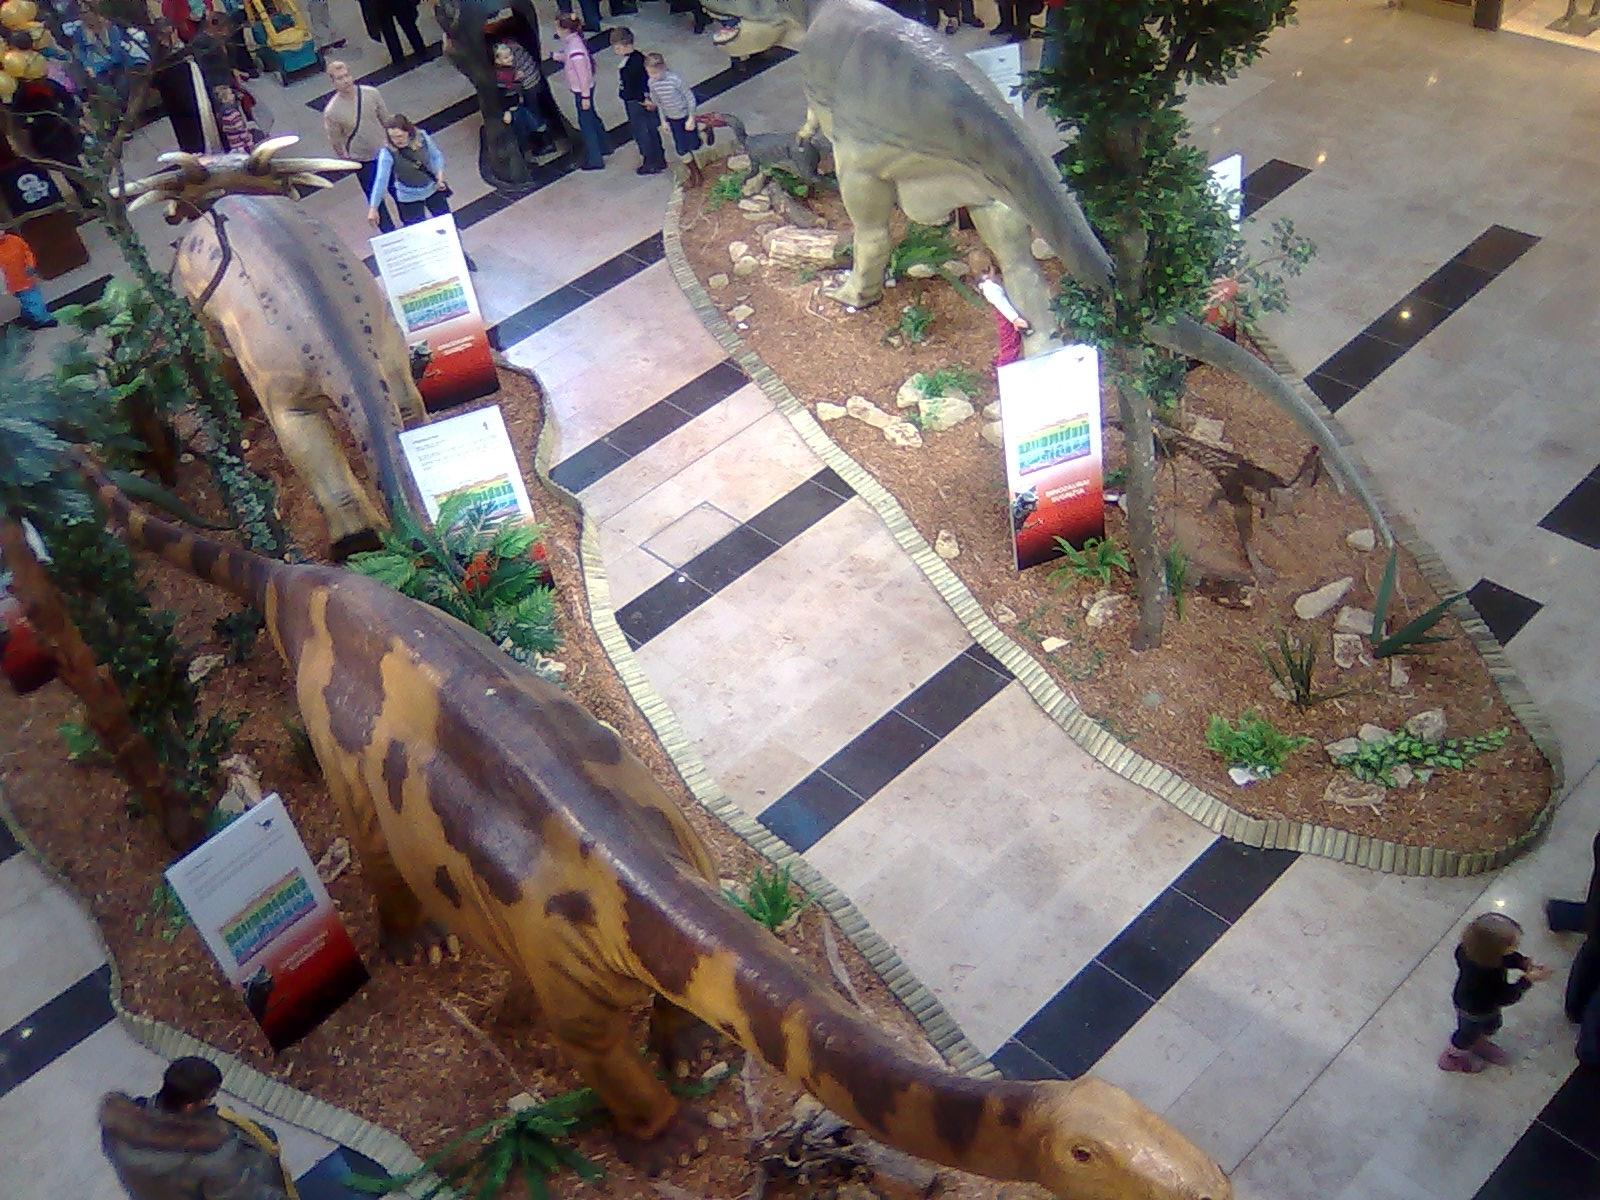 Dinozaurų paroda Ozo prekybos centre paviršutiniška, bet mums neišmanėliams, pasirodė įdomi